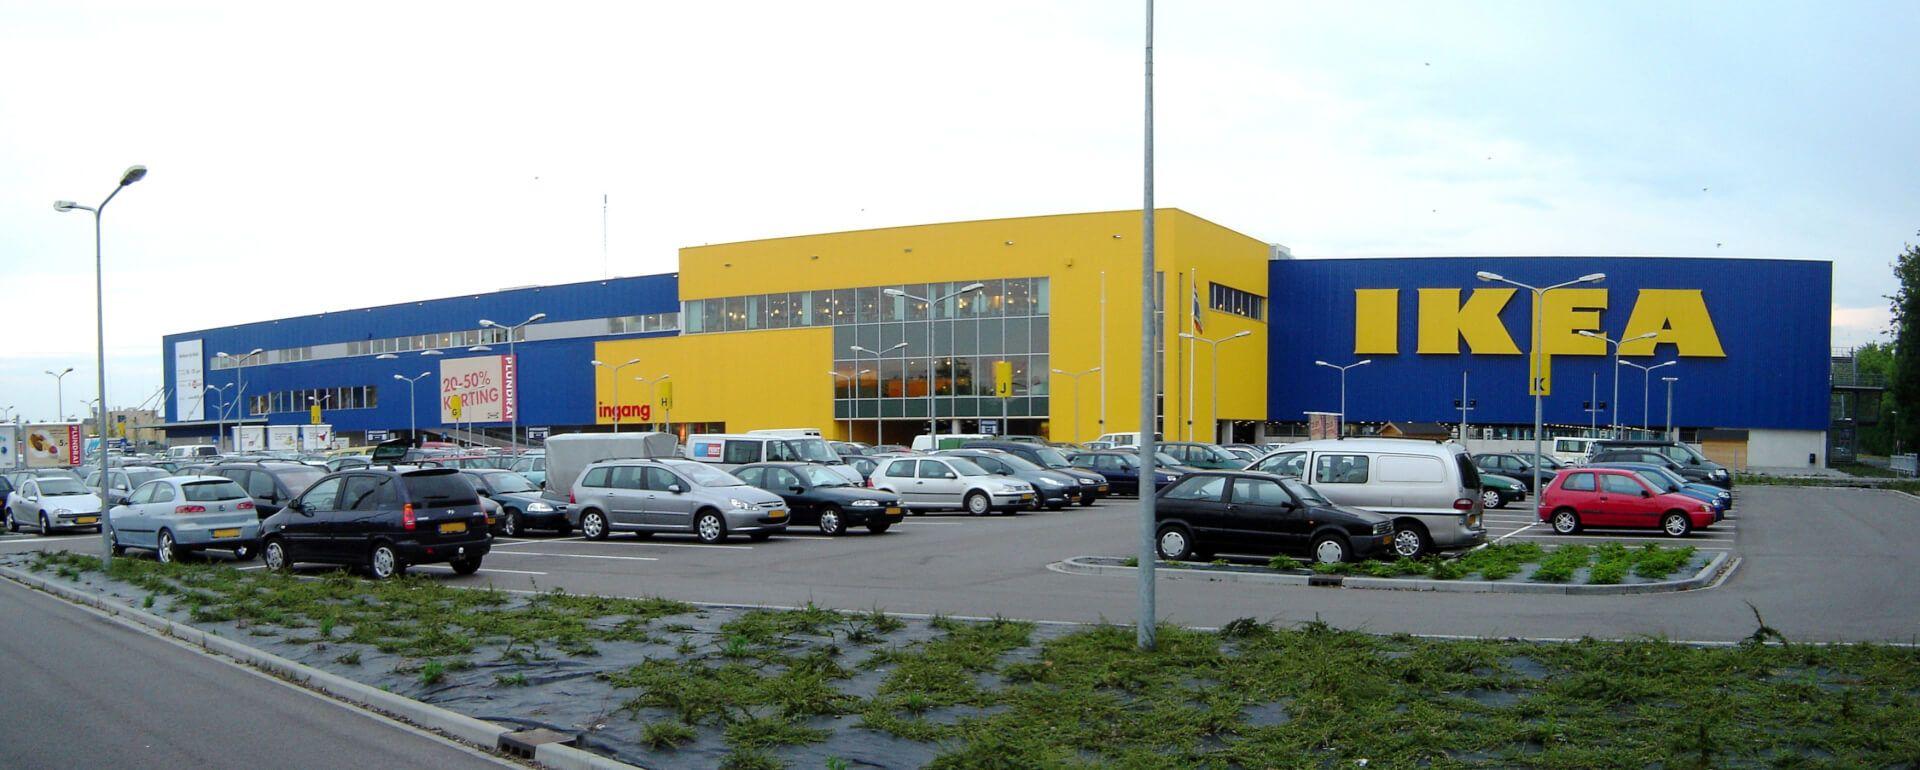 Ikea_Groningen